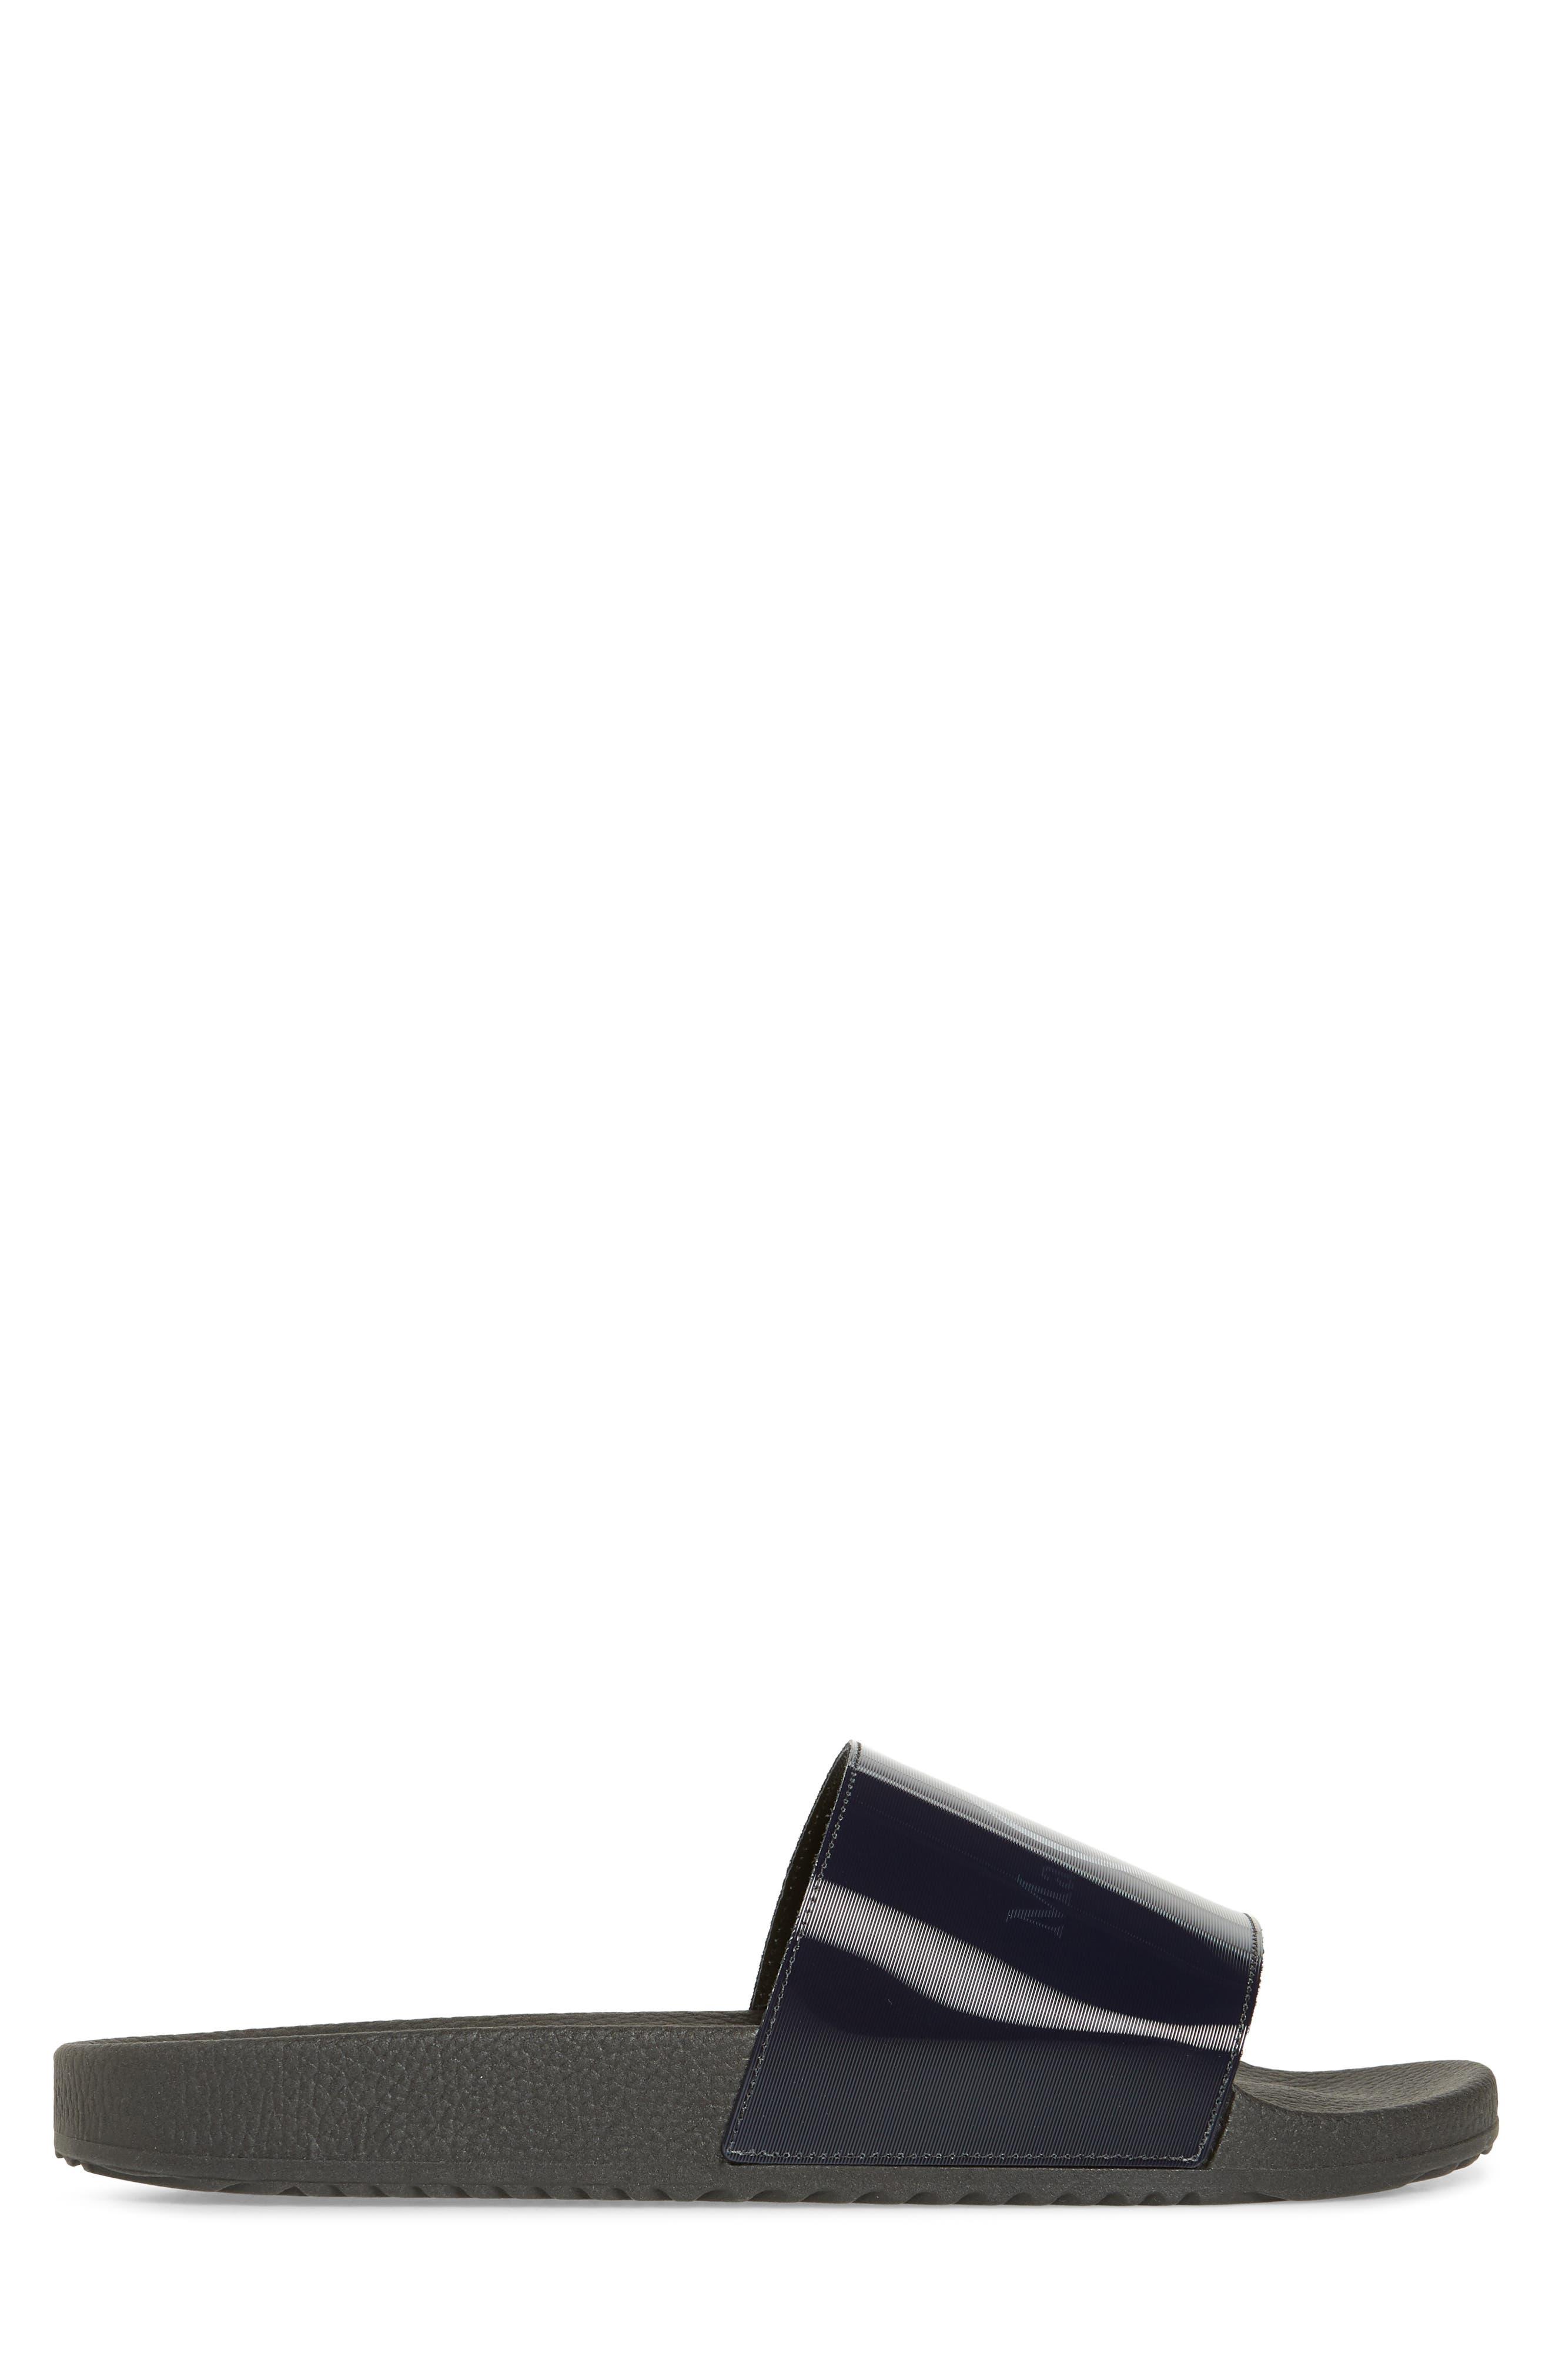 ,                             Pool Slide Sandal,                             Alternate thumbnail 3, color,                             BLACK/ OFF WHITE